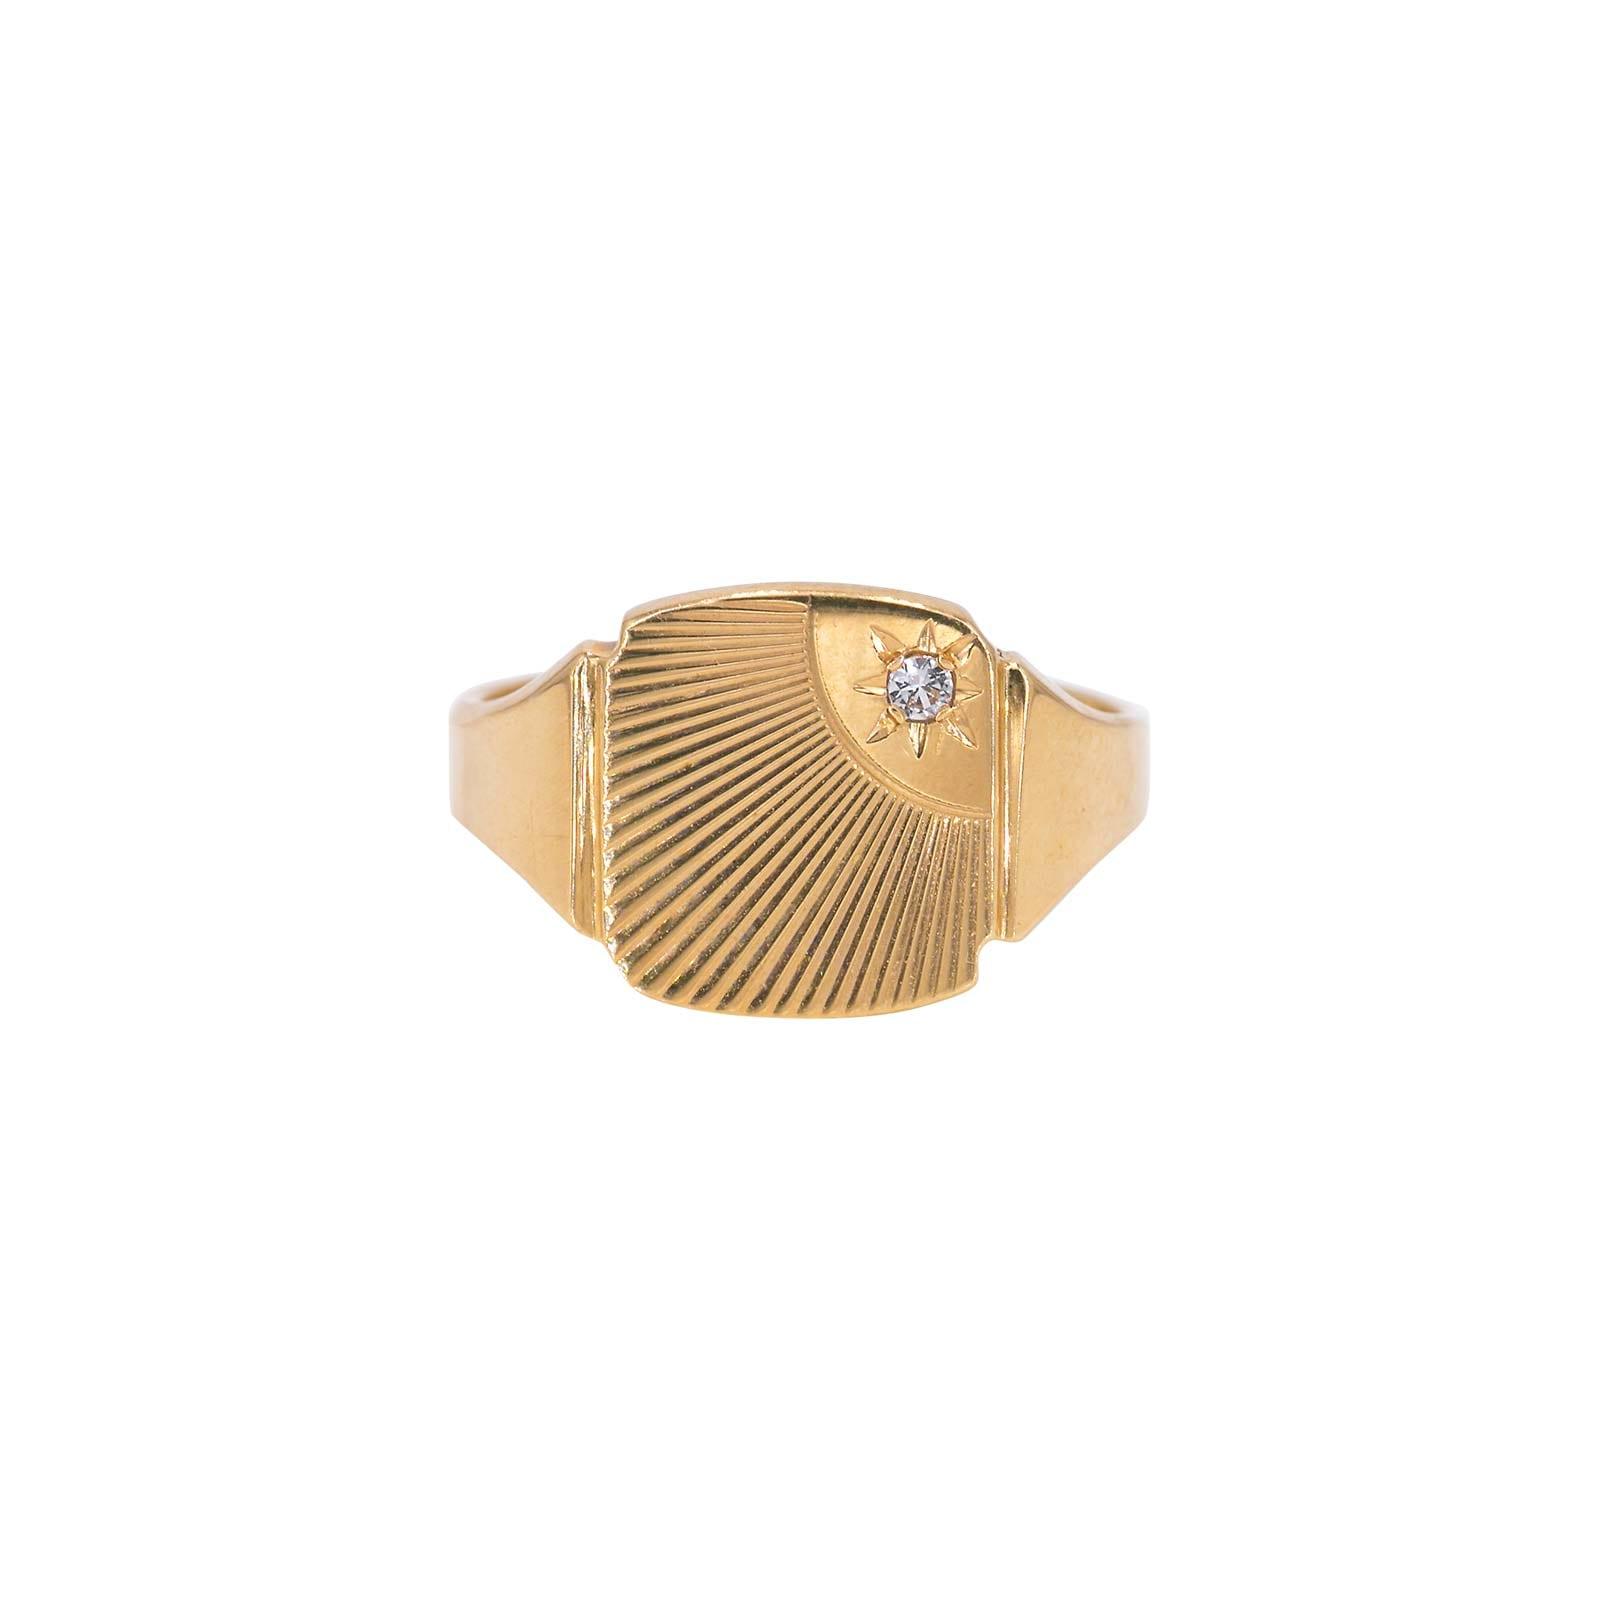 9 carat unisex signet ring. Hallmarked Birmingham 1972. Brand new condition.